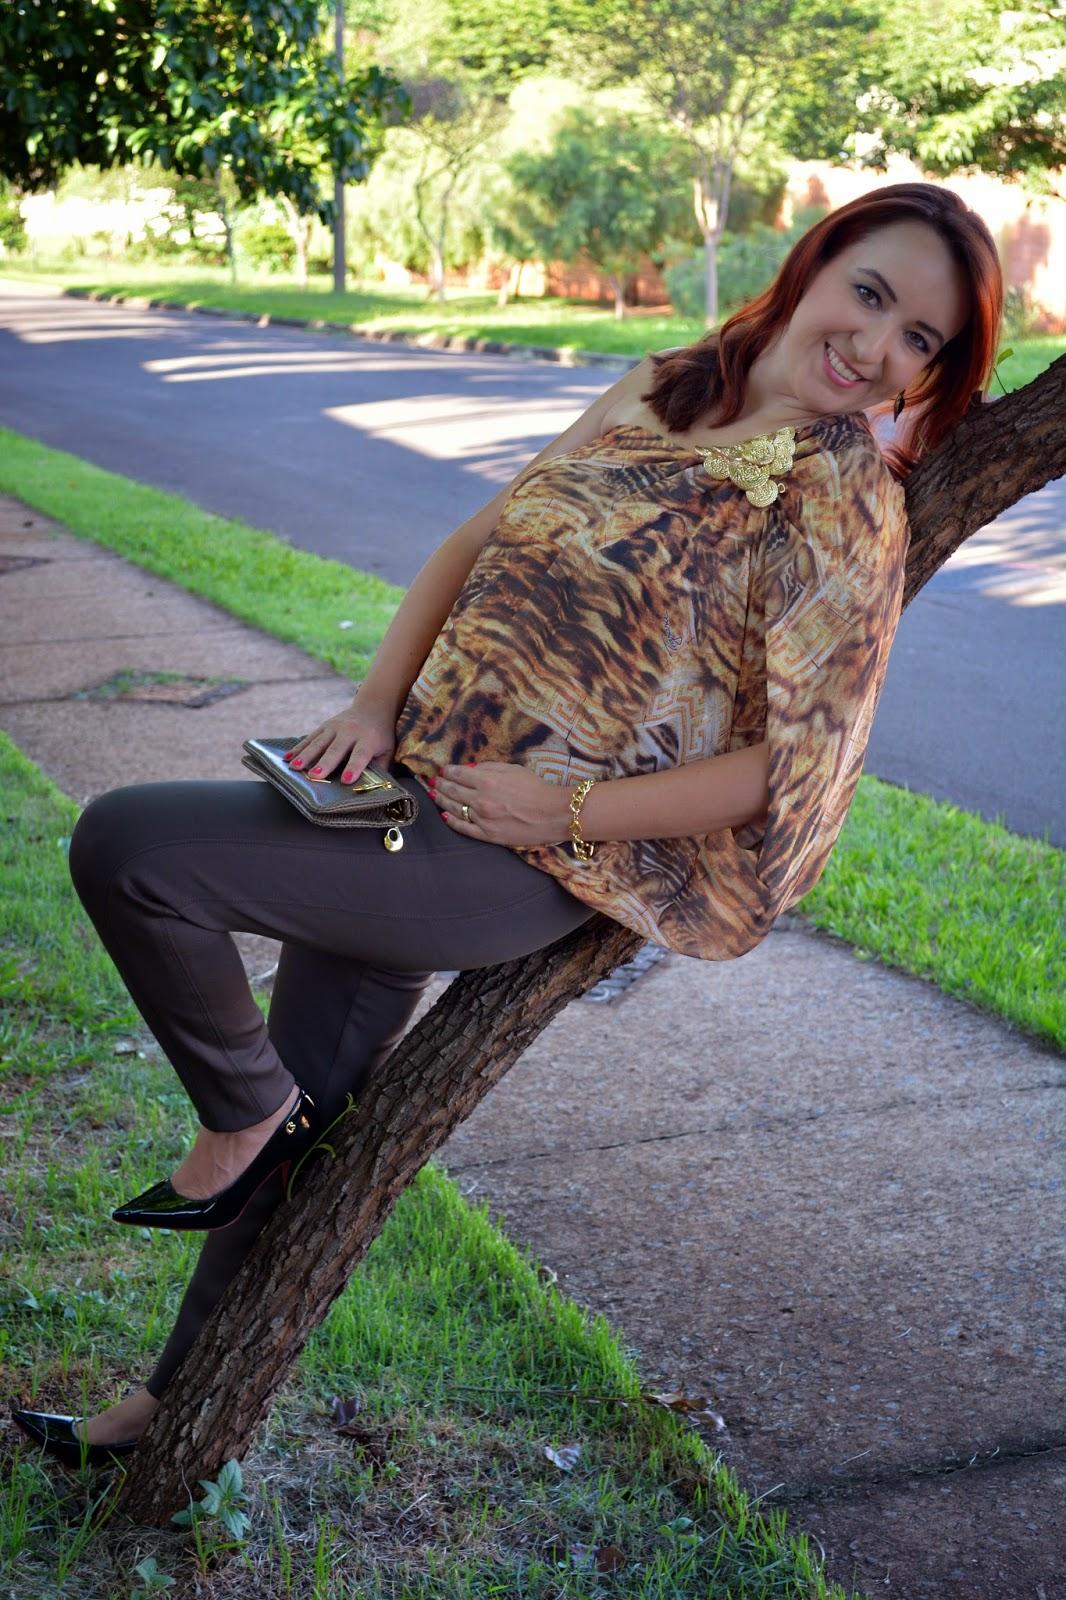 blusa de um ombro só, blusa estampada de um ombro só, decote de um ombro só, tendência verão 2015, calça montaria, calça montaria marrom, bolsa carteira, acessórios dourados, blog camila andrade, blog de moda em ribeirão preto, fashion blogger, blogueira de moda em ribeirão preto, look do dia, look inspiração, du jour